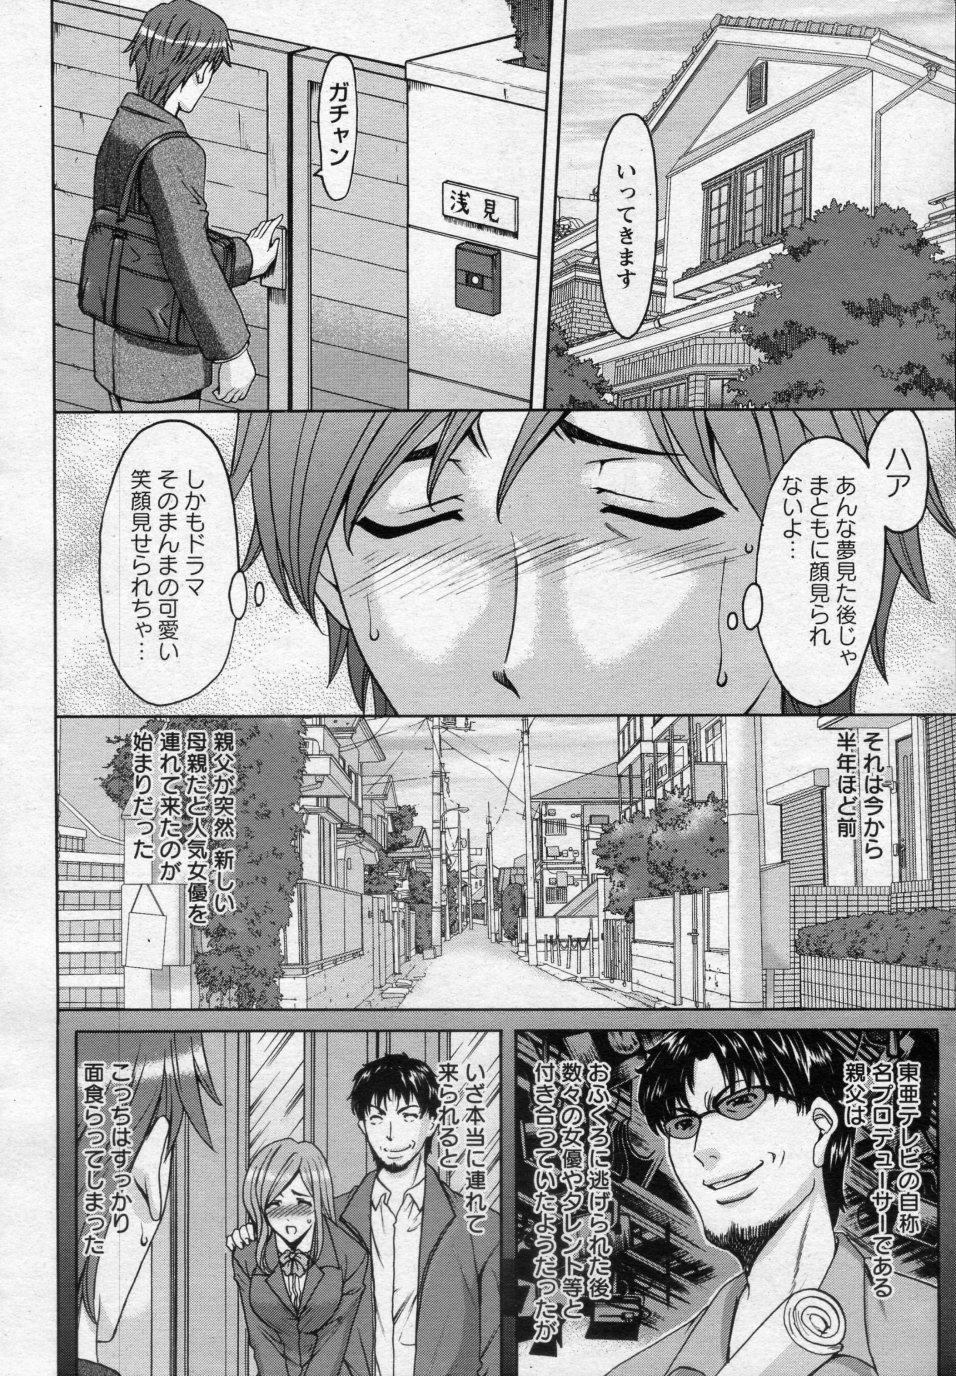 [Hoshino Ryuichi] Mjo Collection -Nidaime Choukyoushi- Ch.01-02 5